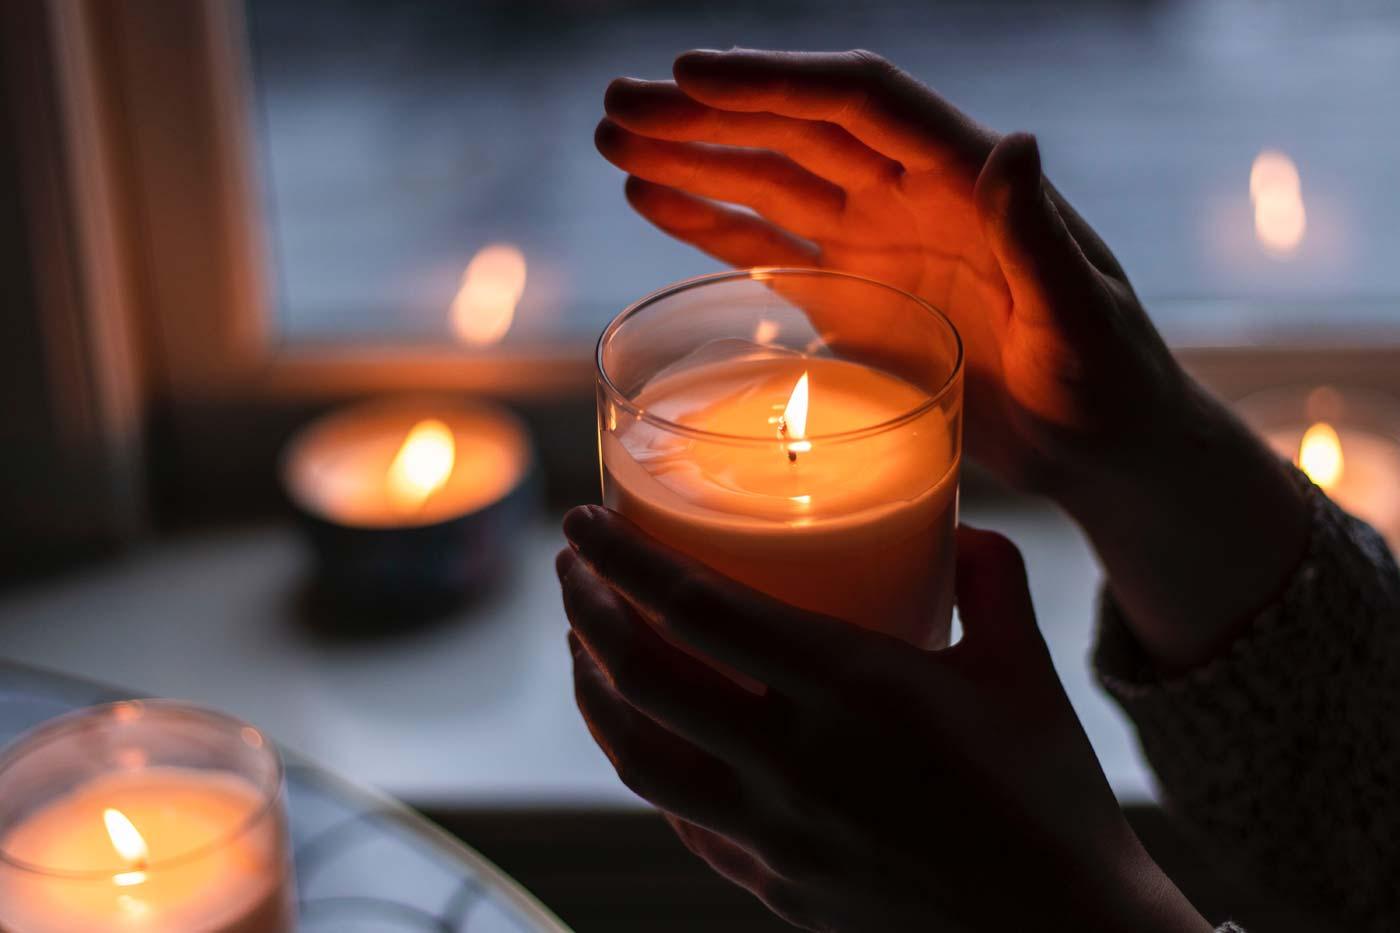 Zapalone świeczki rozstawione w mieszkaniu